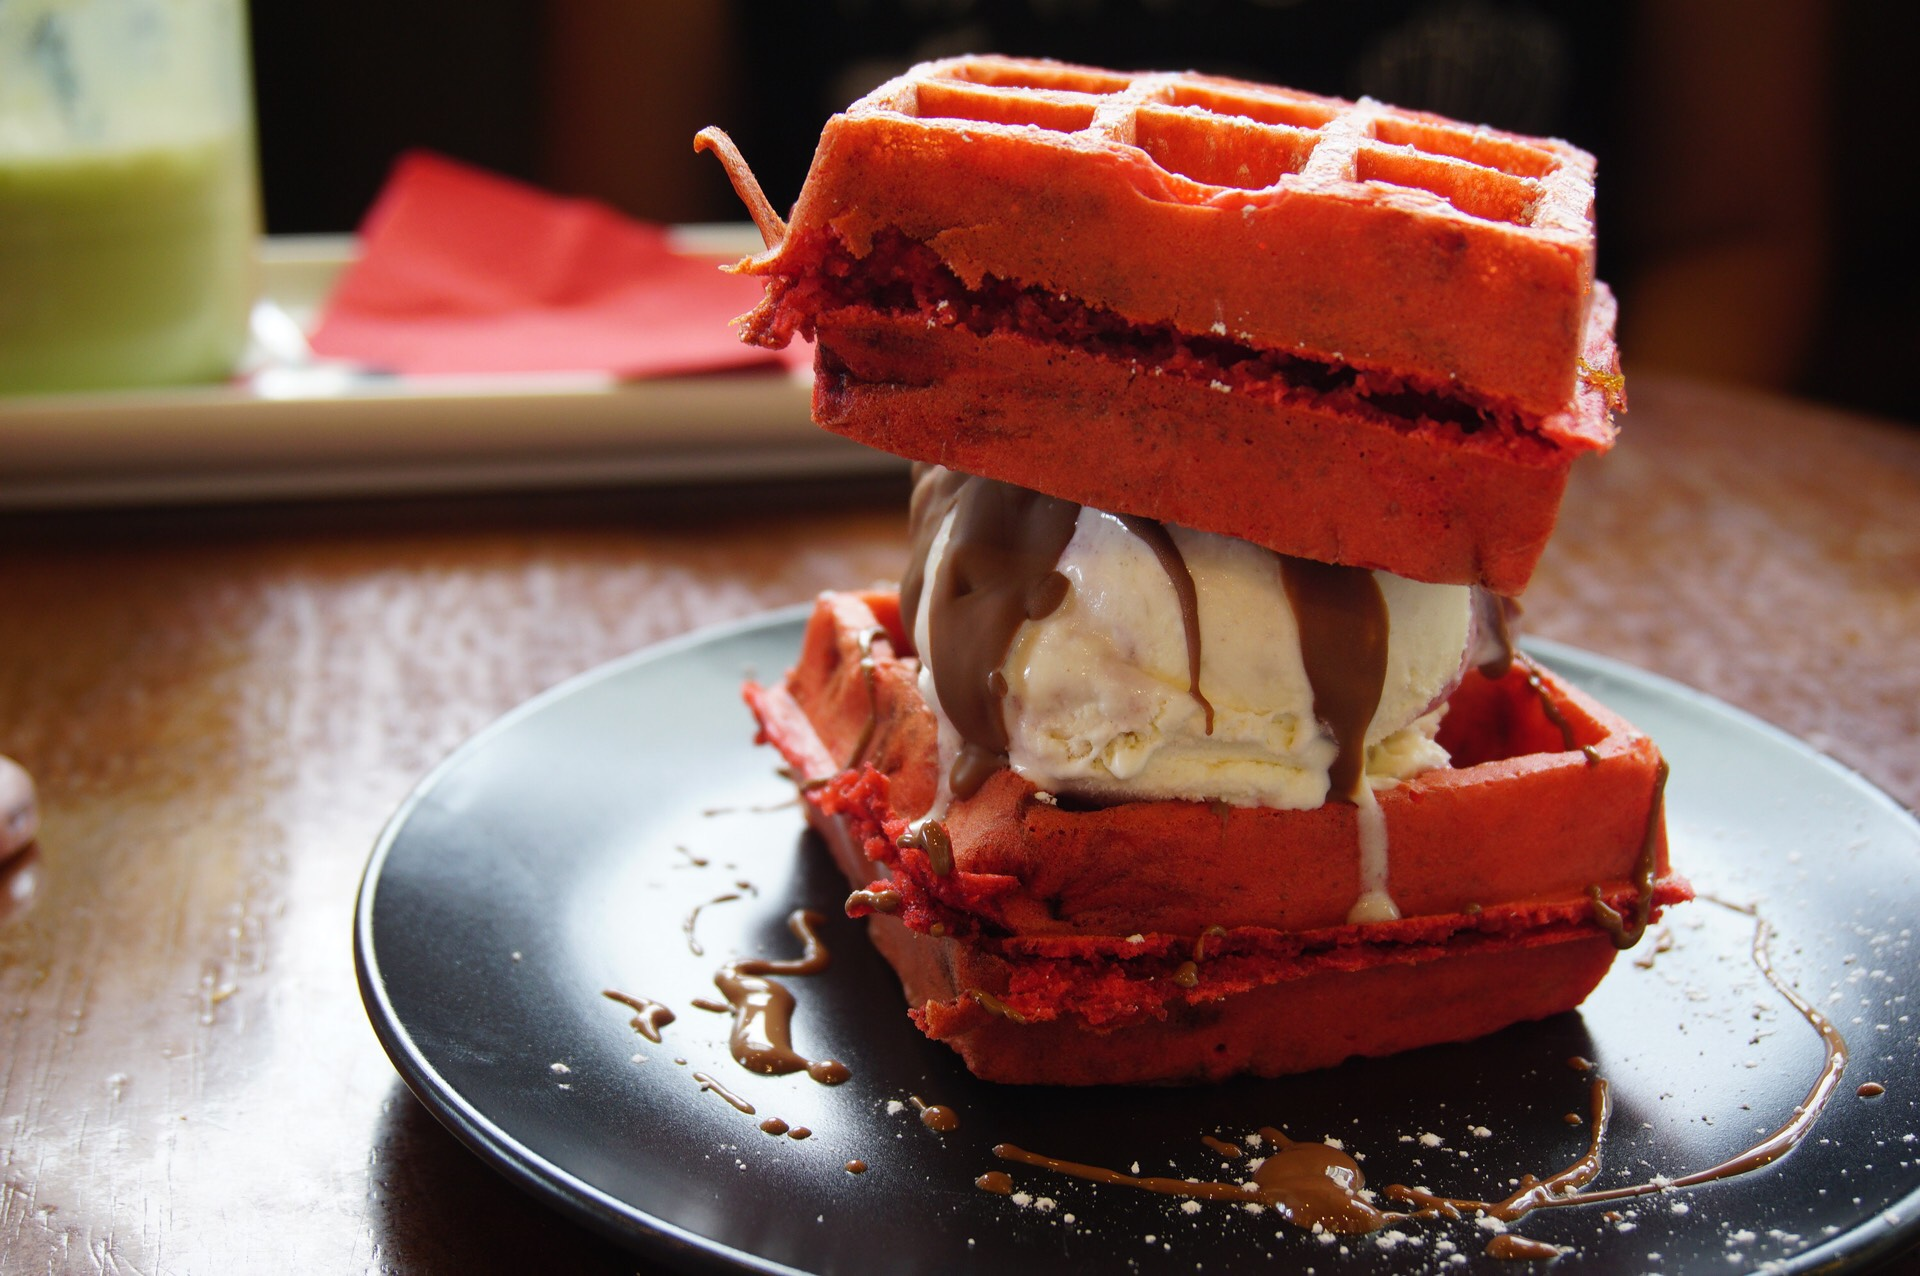 Red Velvet Waffle from Dessert Room